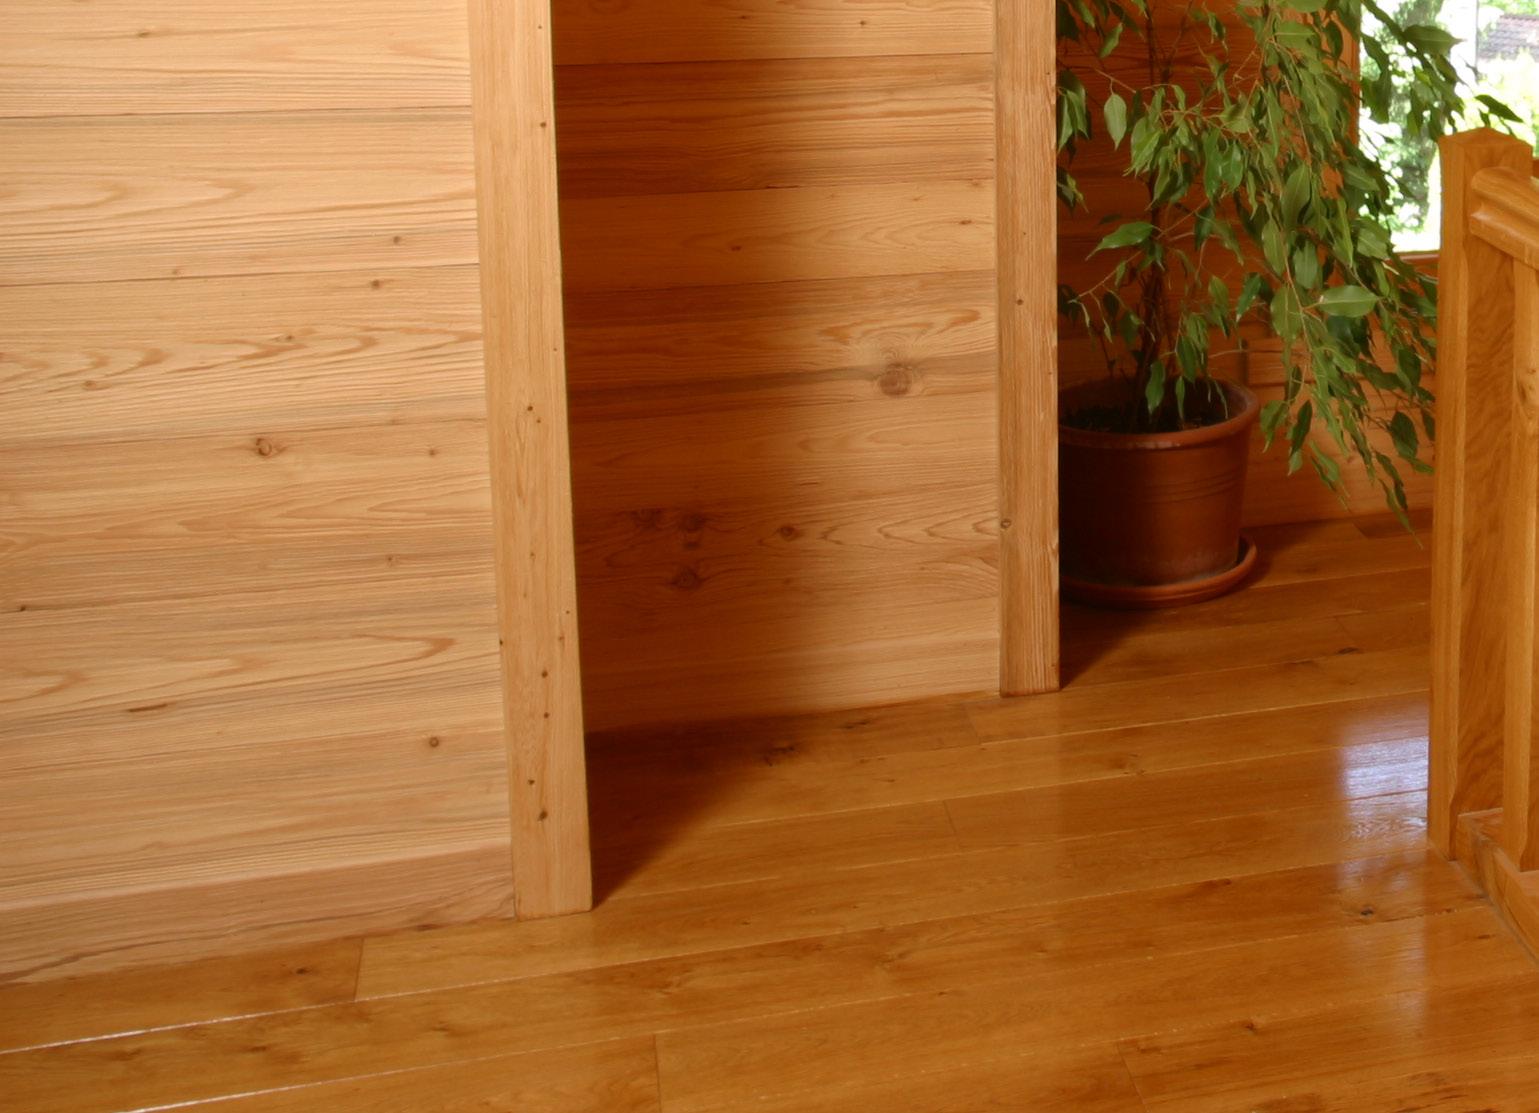 parquet sapin du nord finest prec with parquet sapin du nord plancher massif chne noueux l. Black Bedroom Furniture Sets. Home Design Ideas